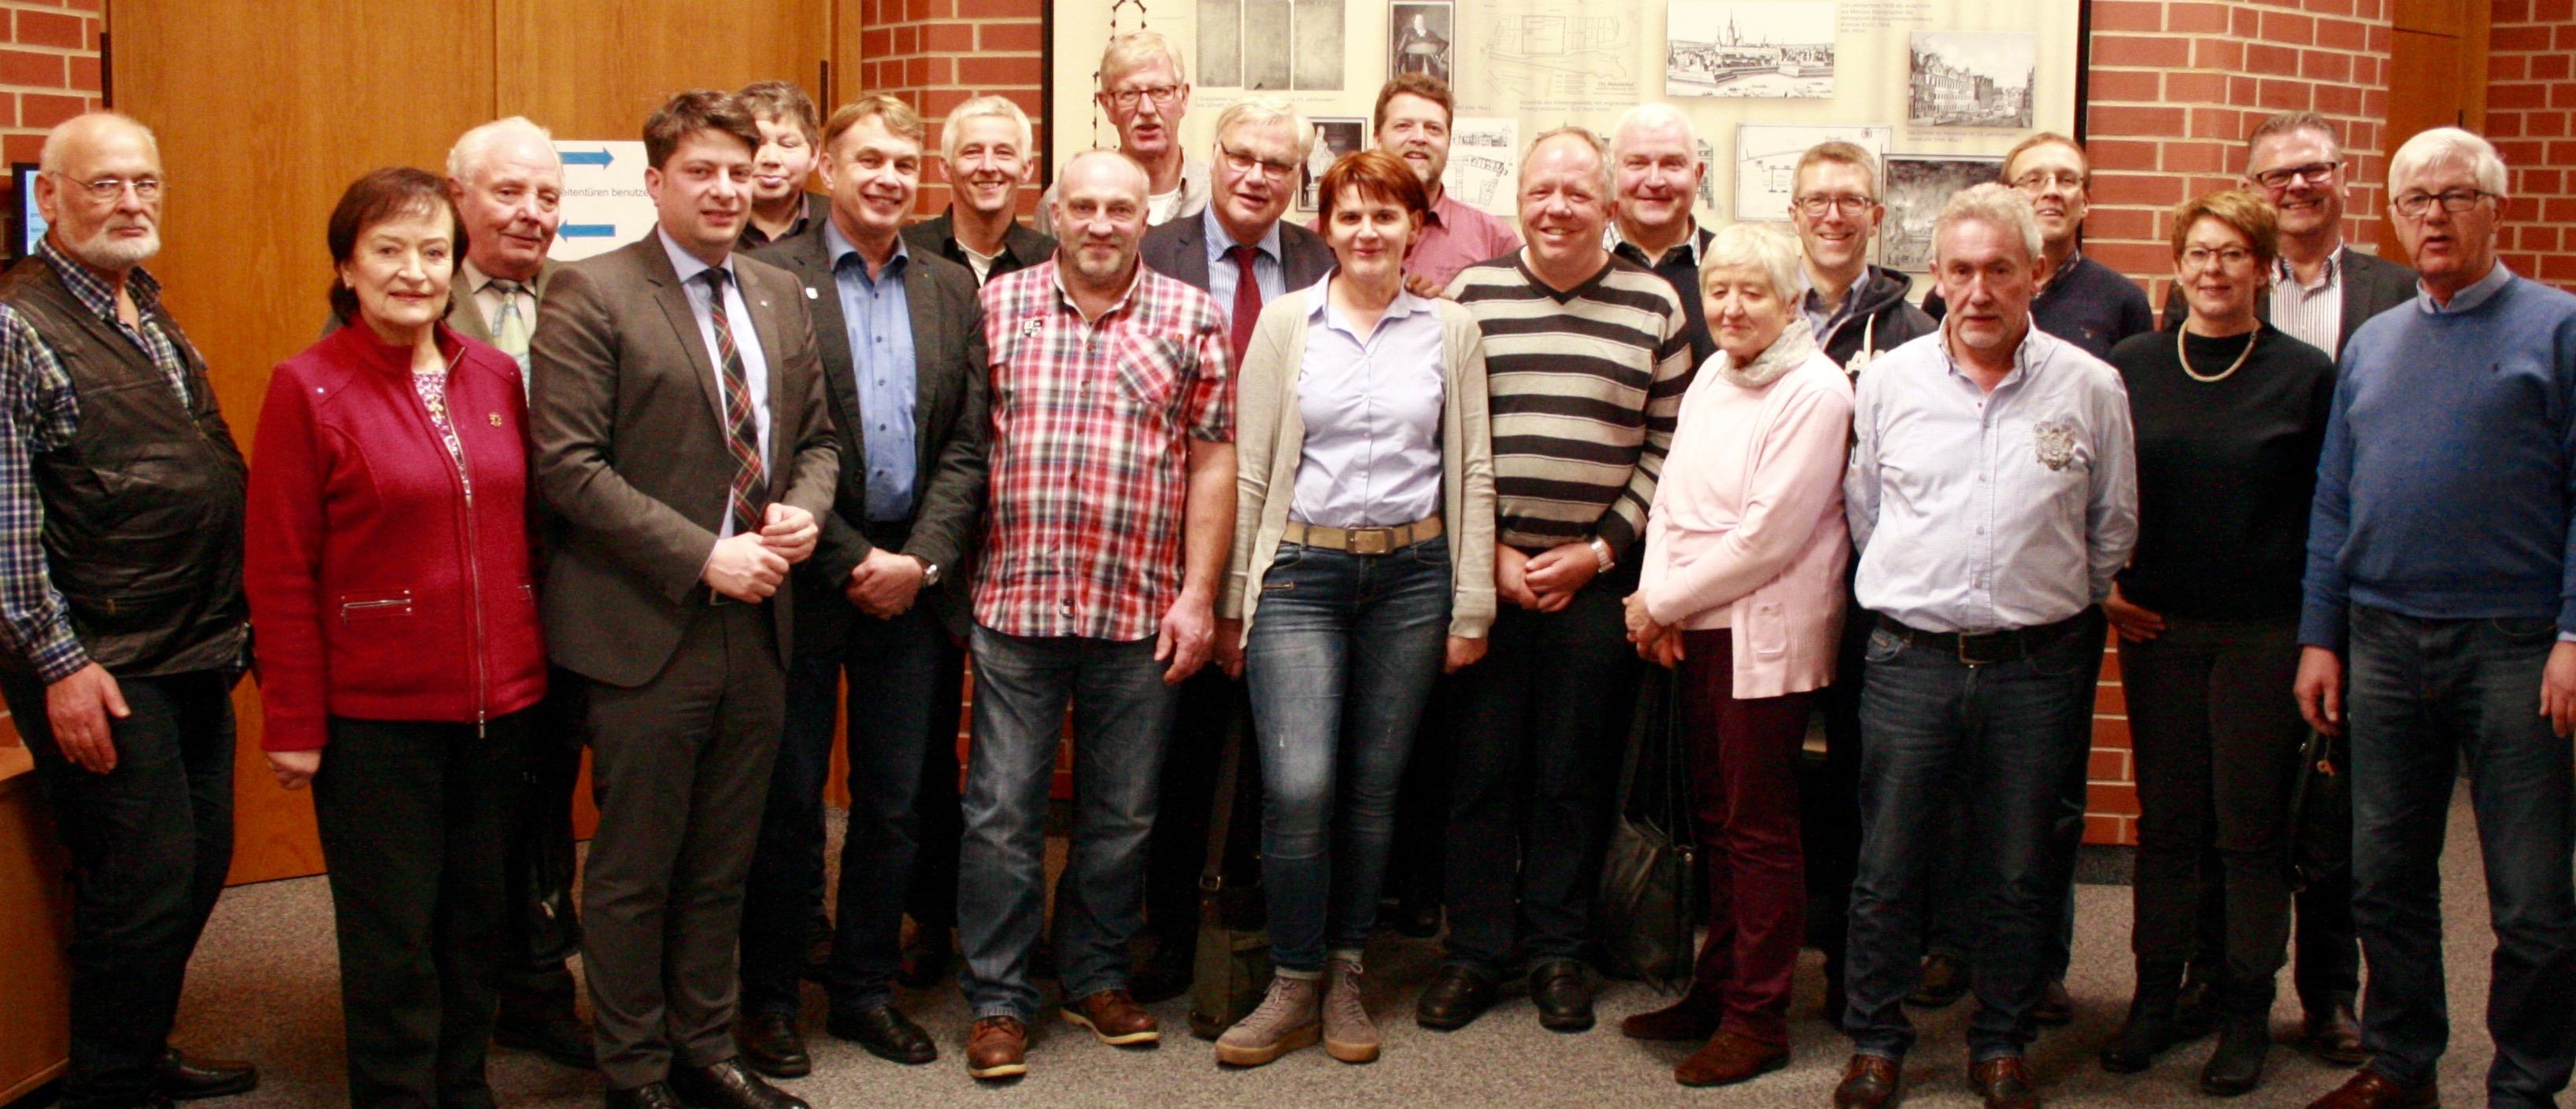 Besuch aus Südvechta im Landtag: Mitglieder der Gemeindeverbände Neuenkirchen i.O. und Vörden besuchten auf Einladung des örtlichen MdL das Landesparlament in Hannover.